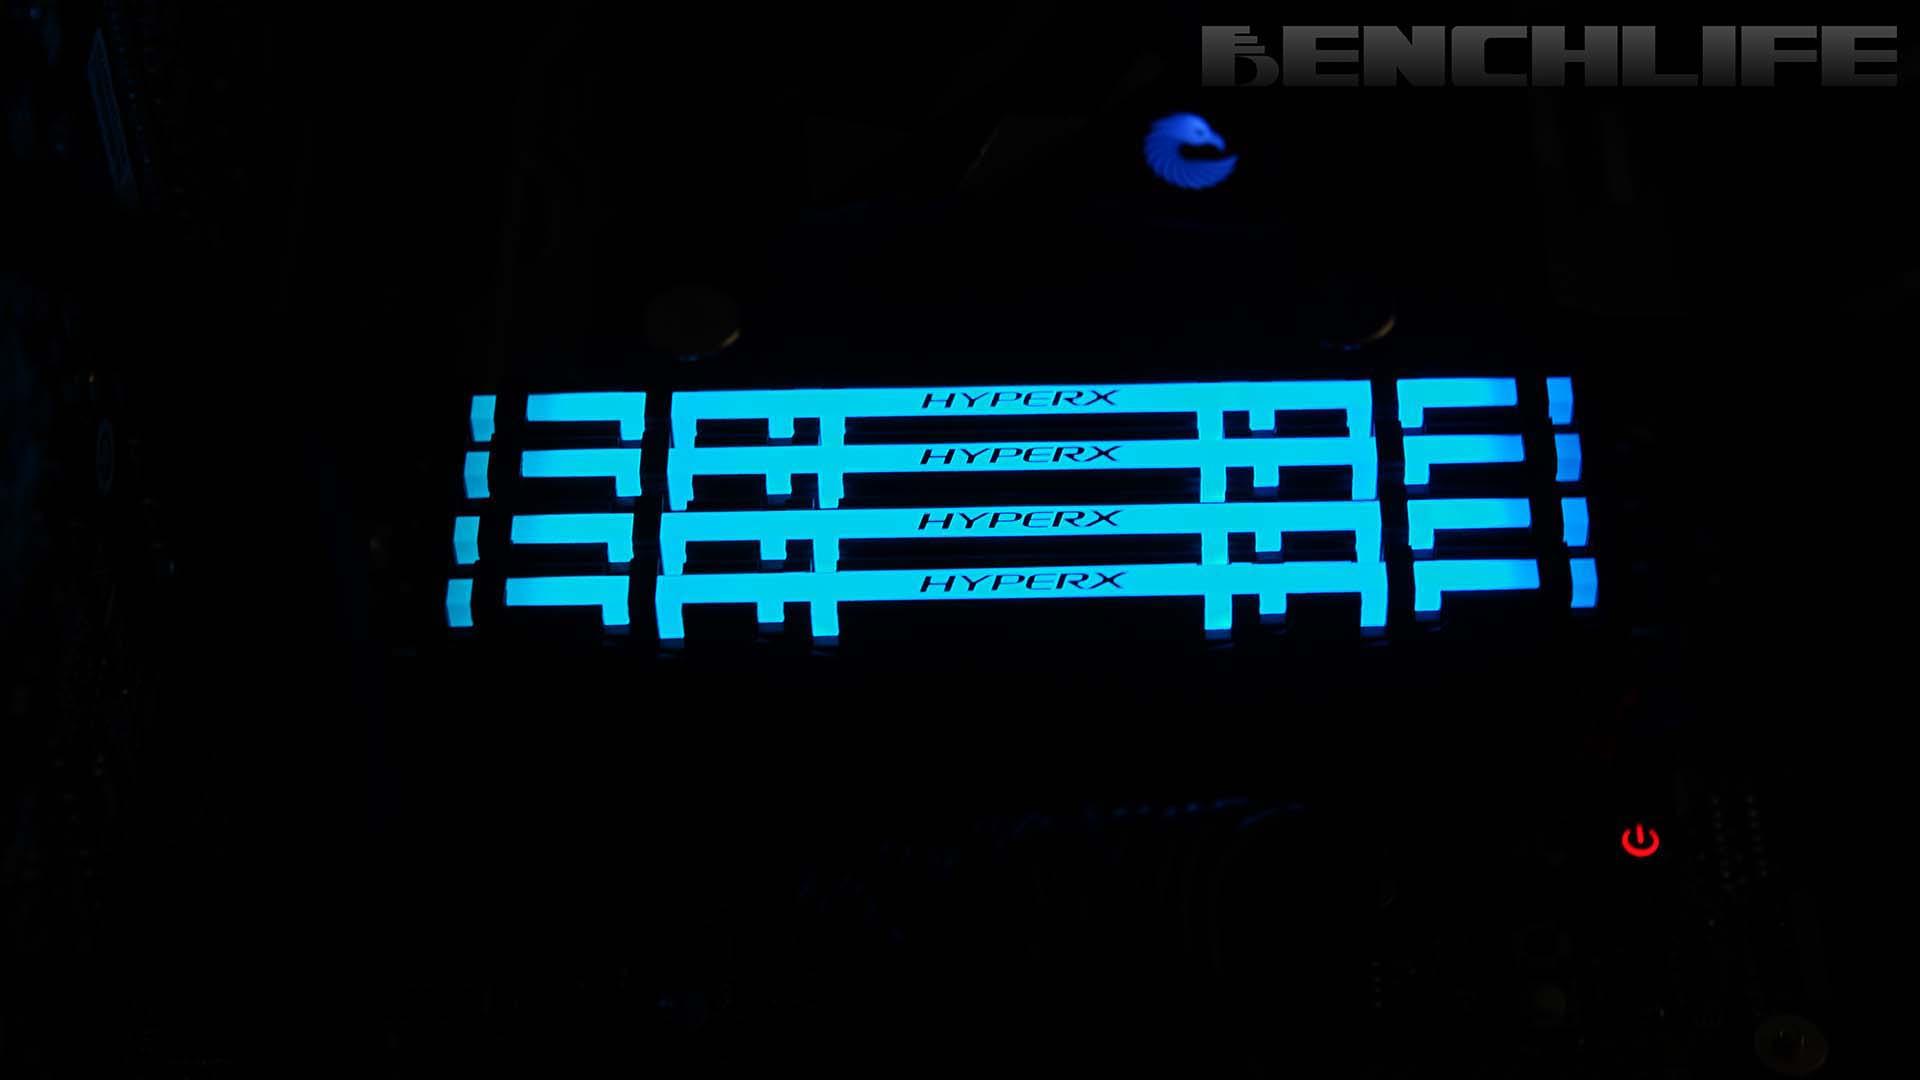 光害產品全部到位,HyperX Predator DDR4 RGB 與 HyperX Fury RGB SSD 在 CES 亮相